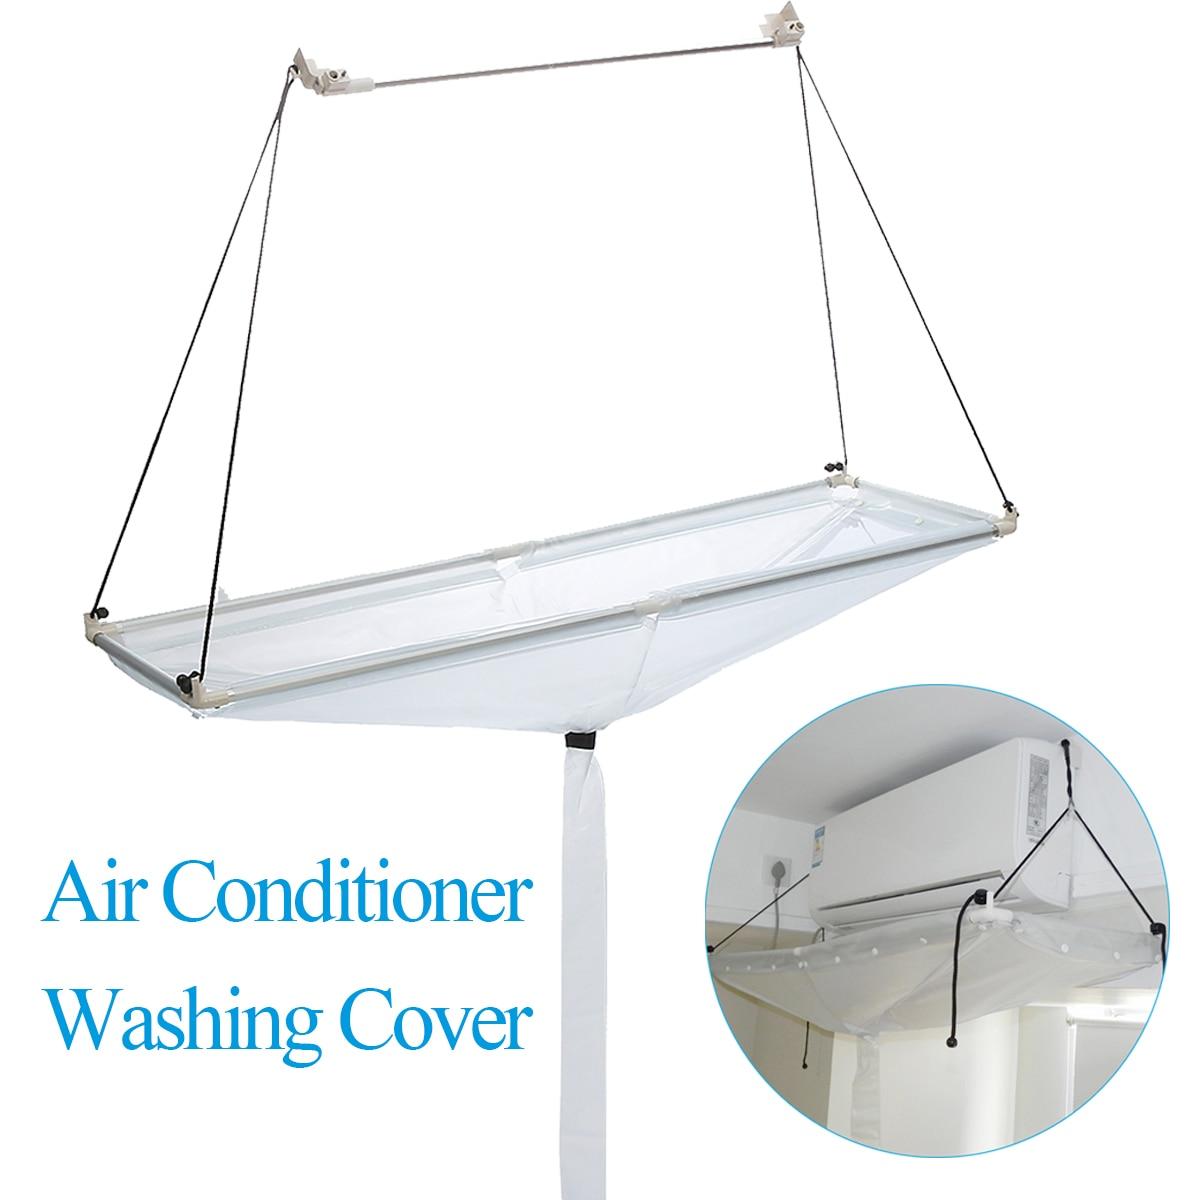 Aperto PVC Condizionatore D'aria Per La Pulizia di Lavaggio del Soffitto di Copertura Della Parete di Aria Condizionata Riutilizzabile Strumenti di Lavaggio di Pulizia Della Polvere